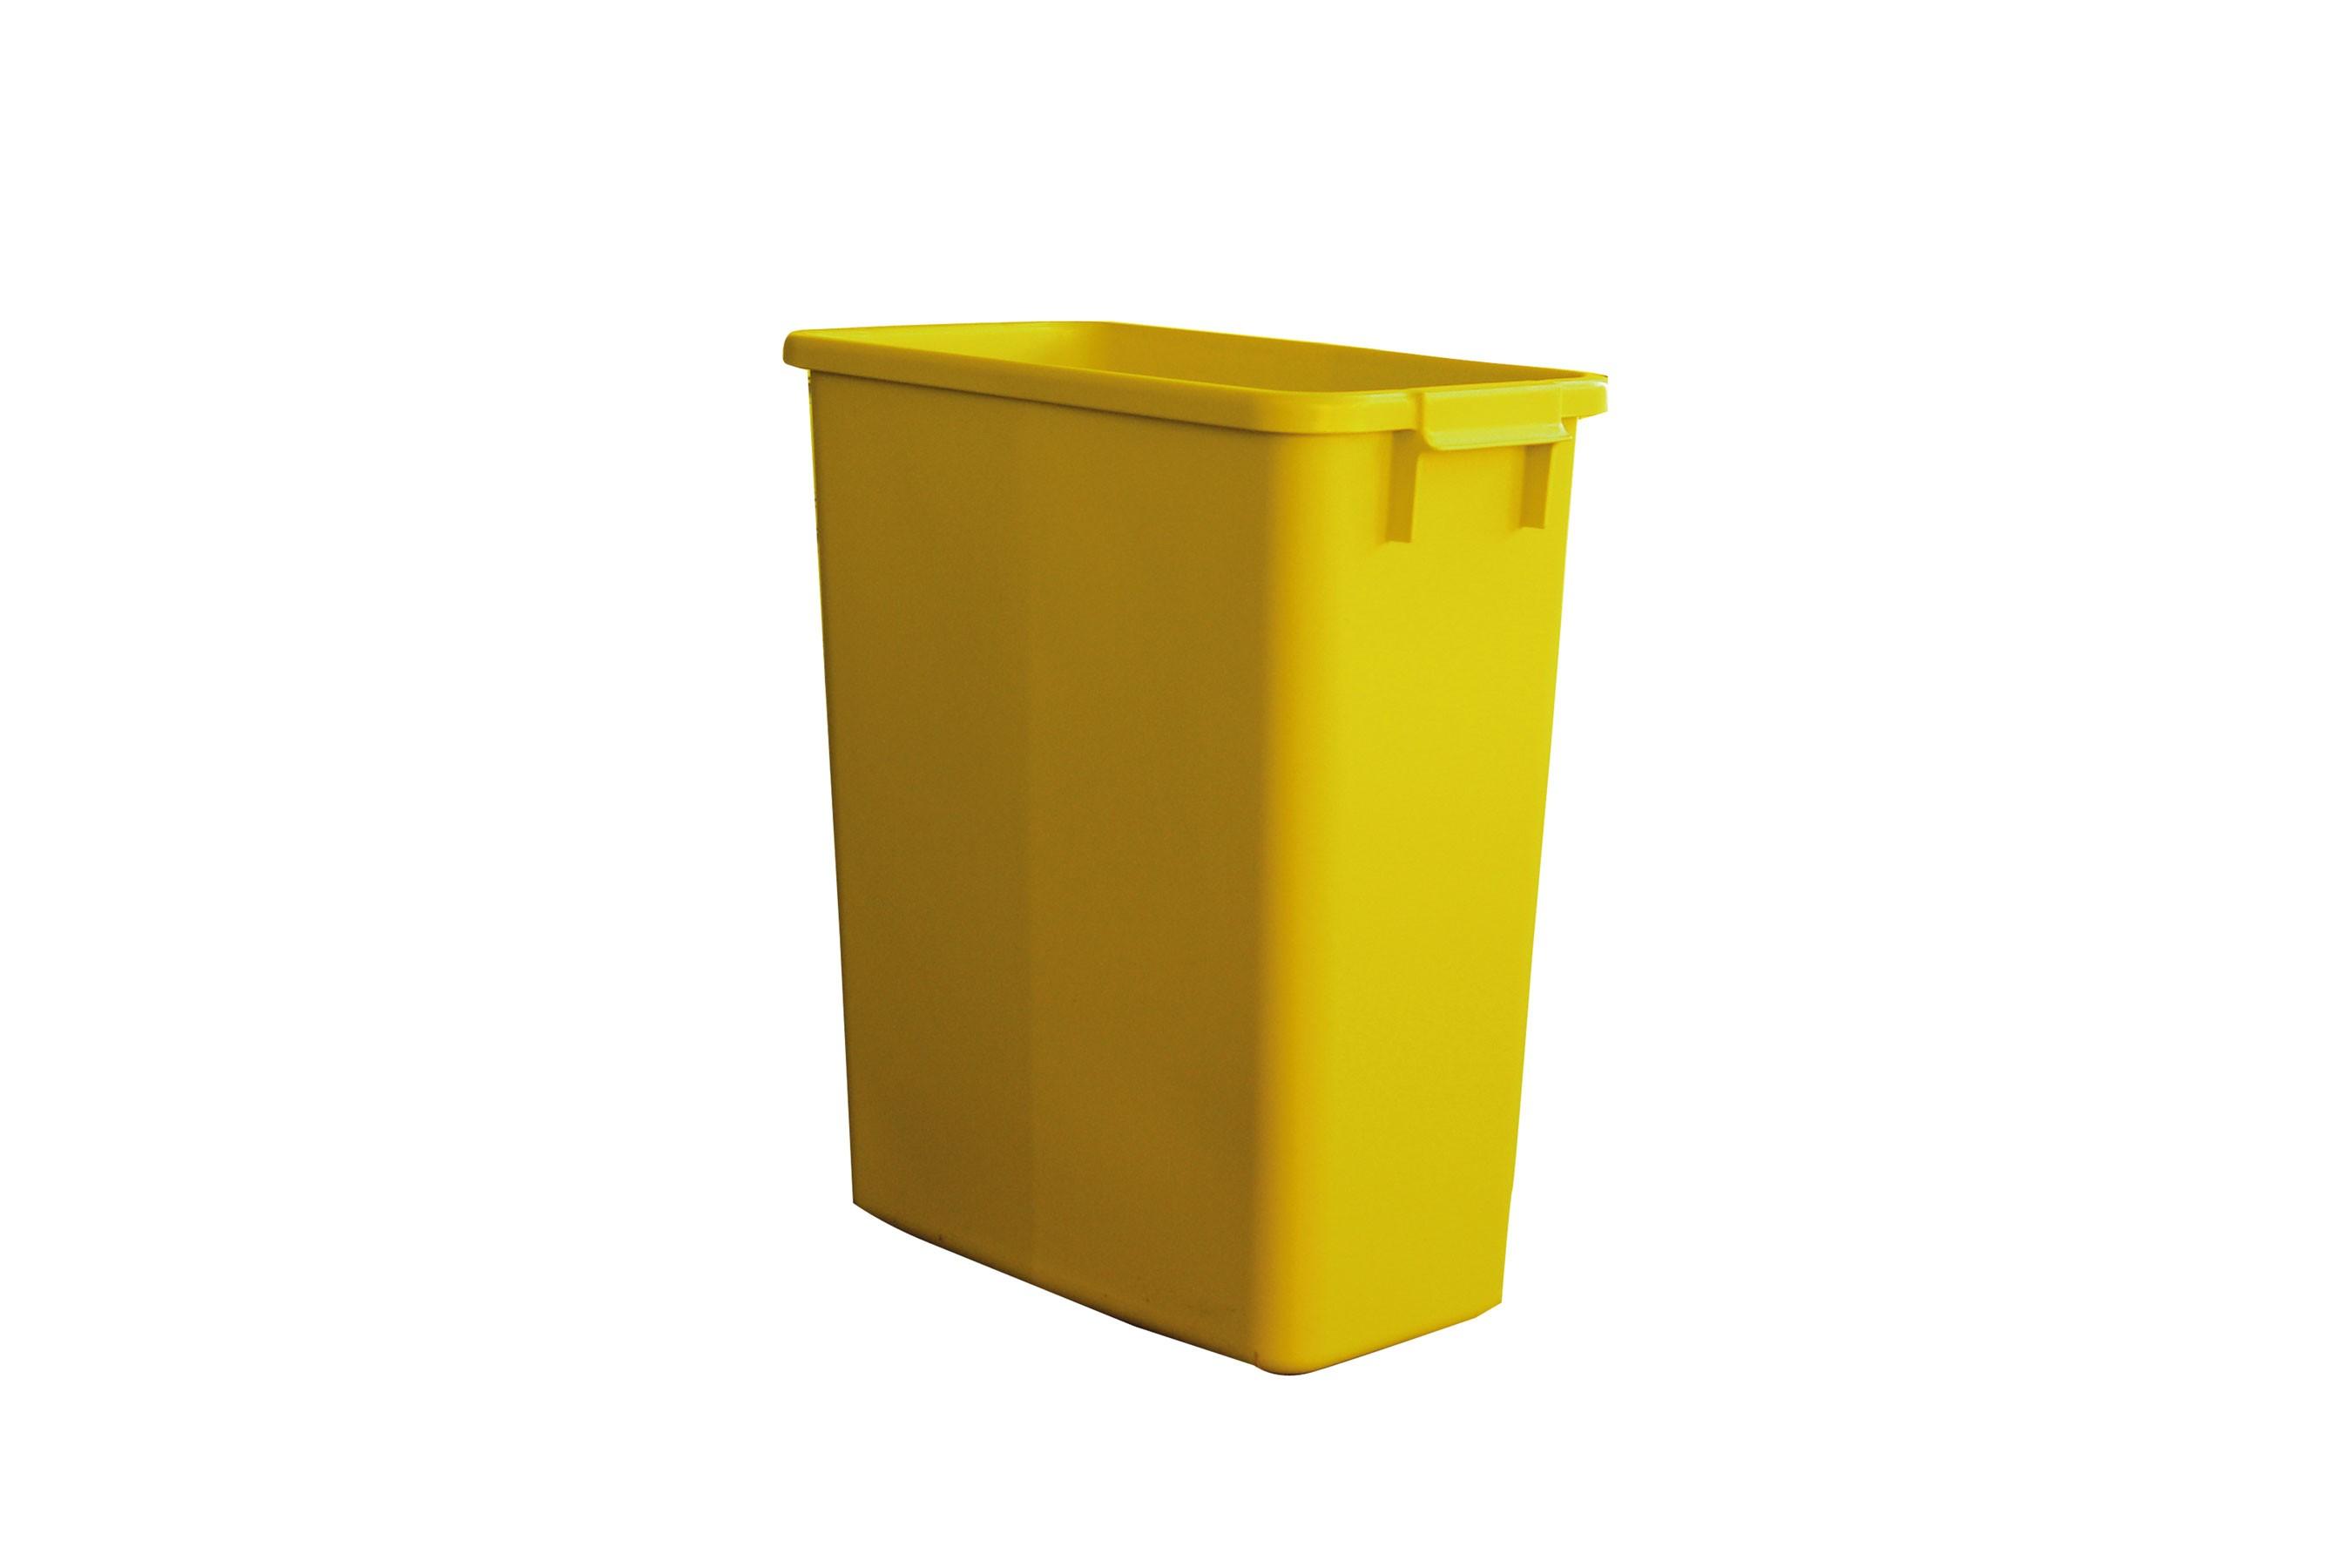 Mehrzweck-Behälter 60 Liter eckig gelb Graf 778011 Bild 1